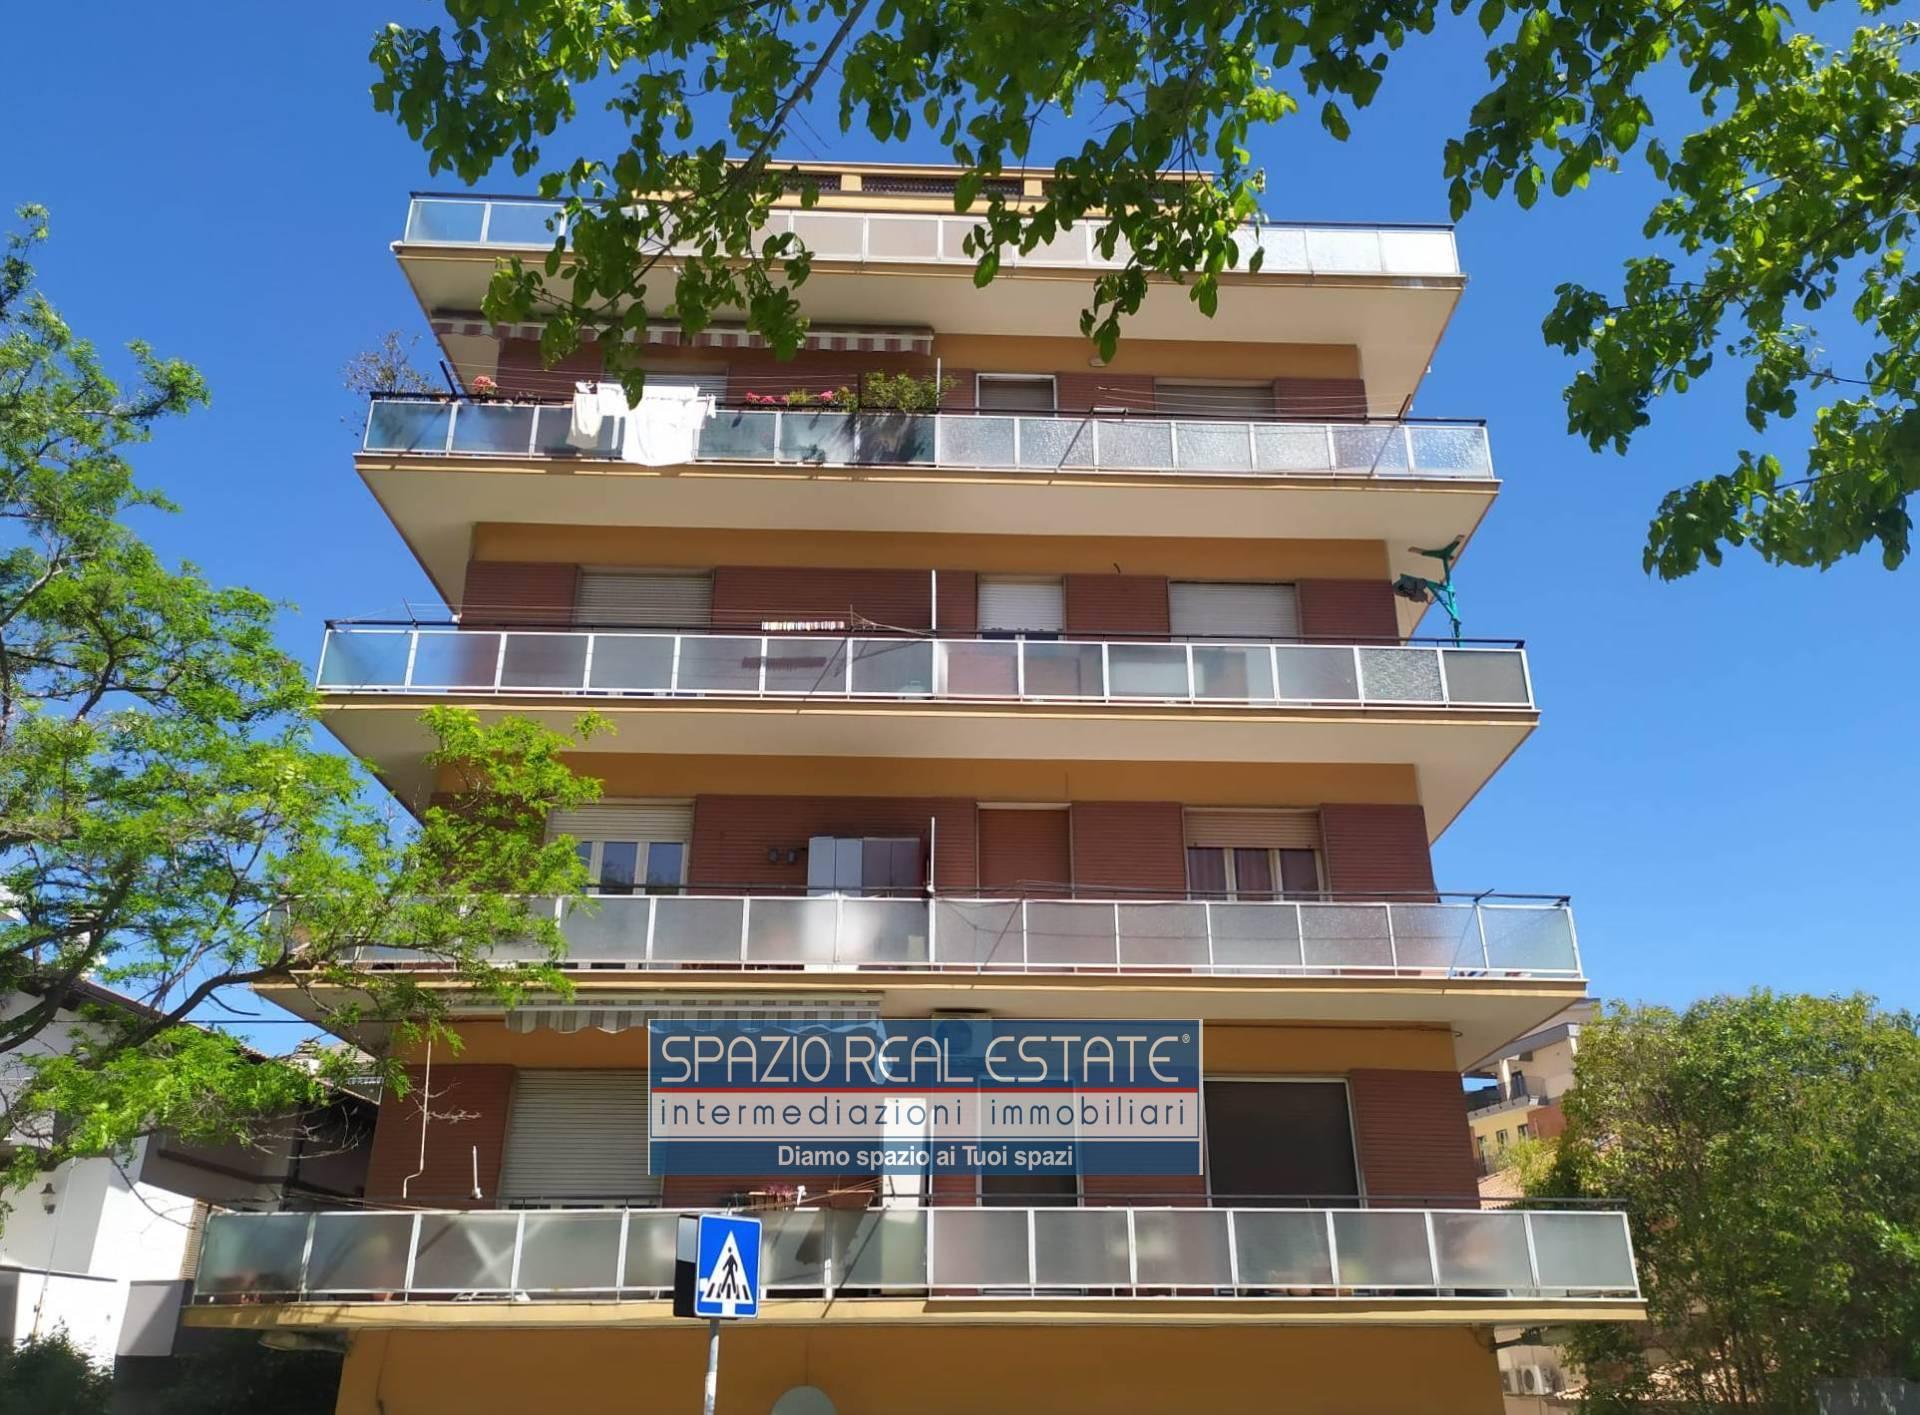 Attico / Mansarda in vendita a Pescara, 2 locali, zona Località: PescaraPineta, prezzo € 99.000 | PortaleAgenzieImmobiliari.it